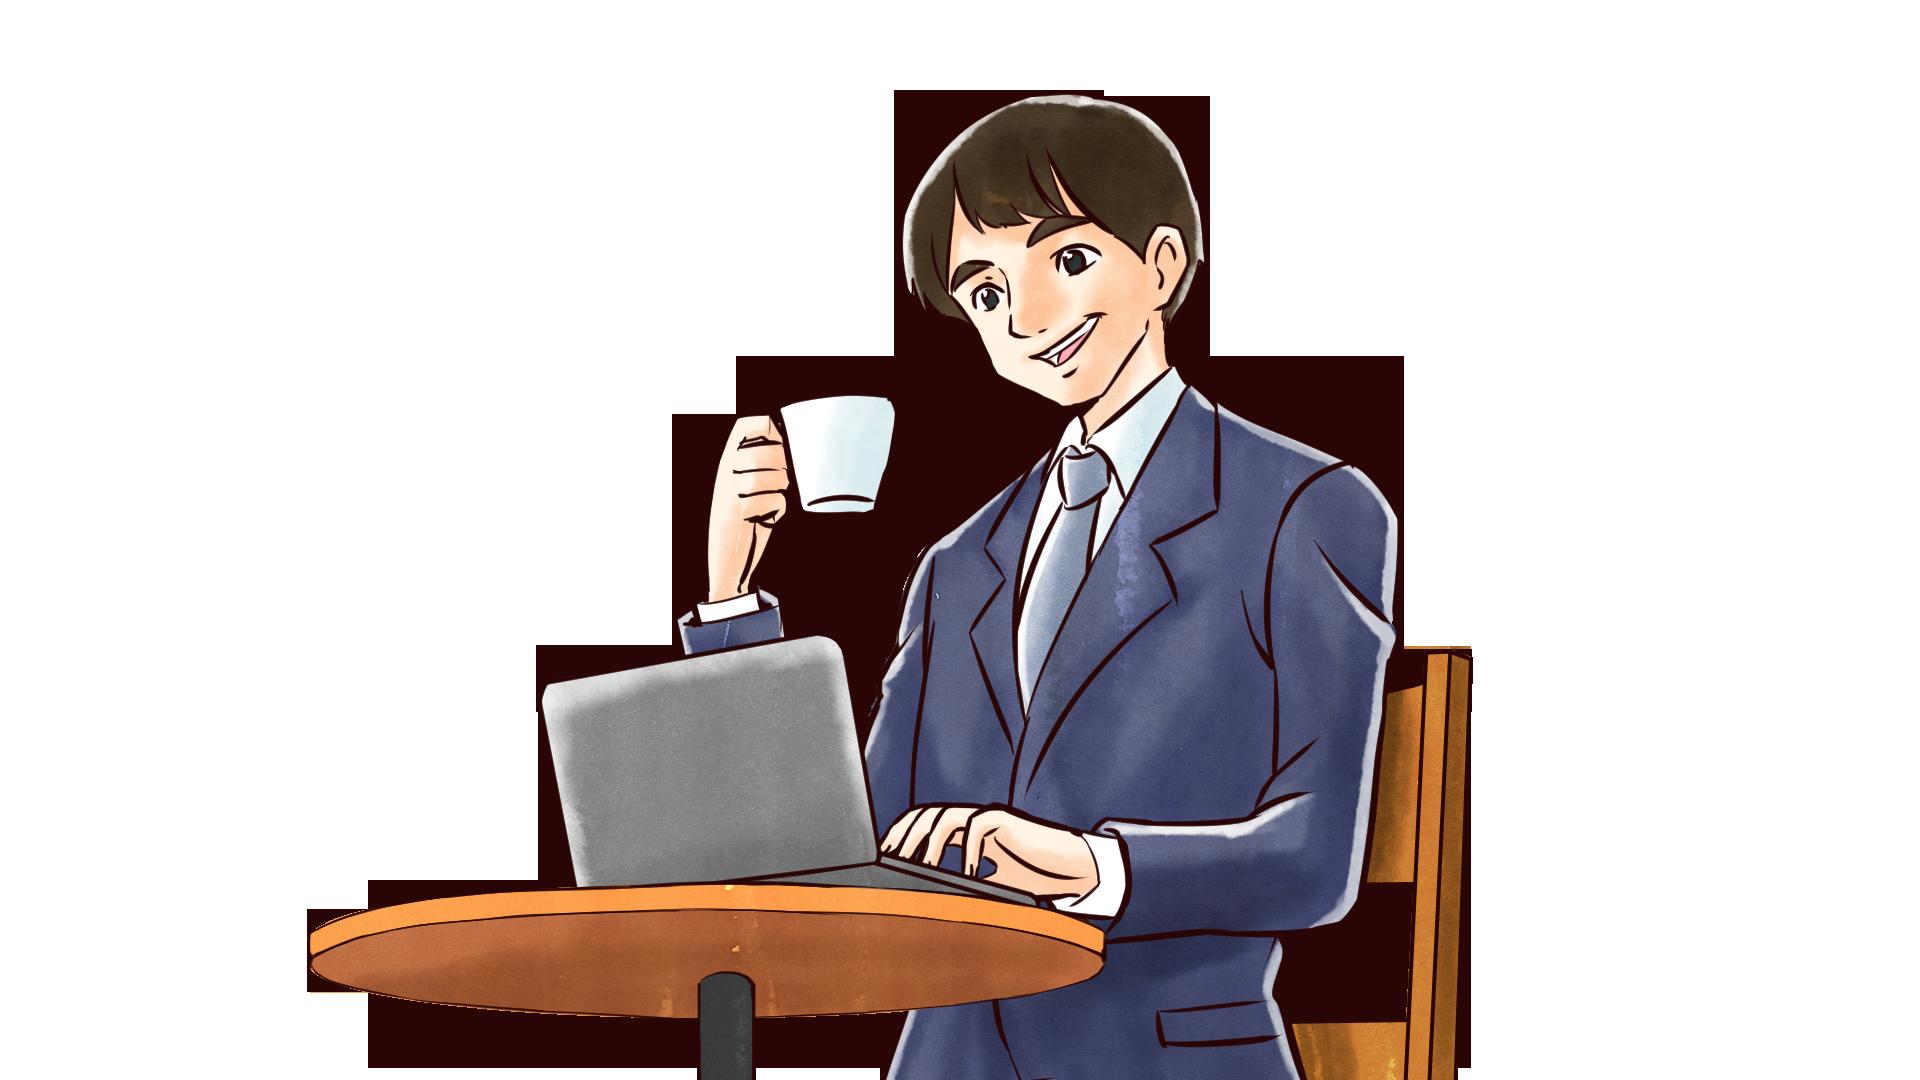 ビジネスのフリーイラスト画像素材【商用無料】 | アイキャッチャー